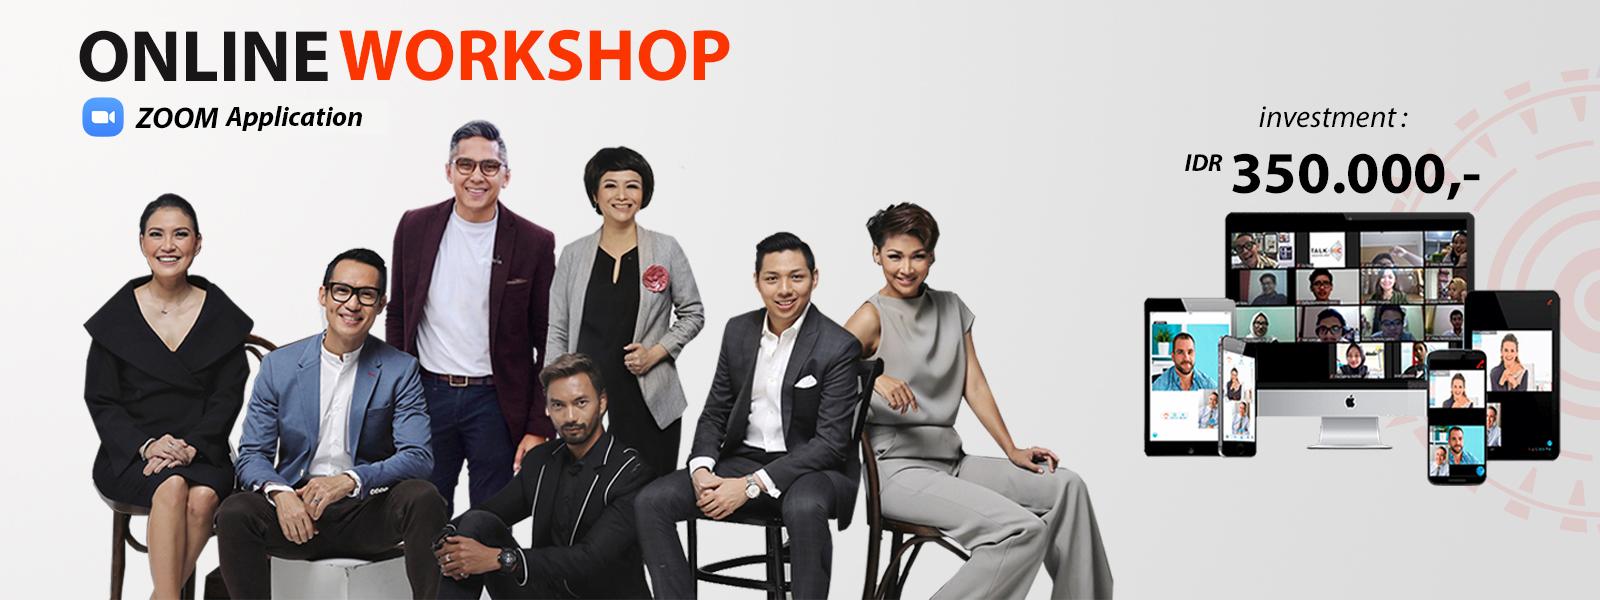 Our Online Workshop